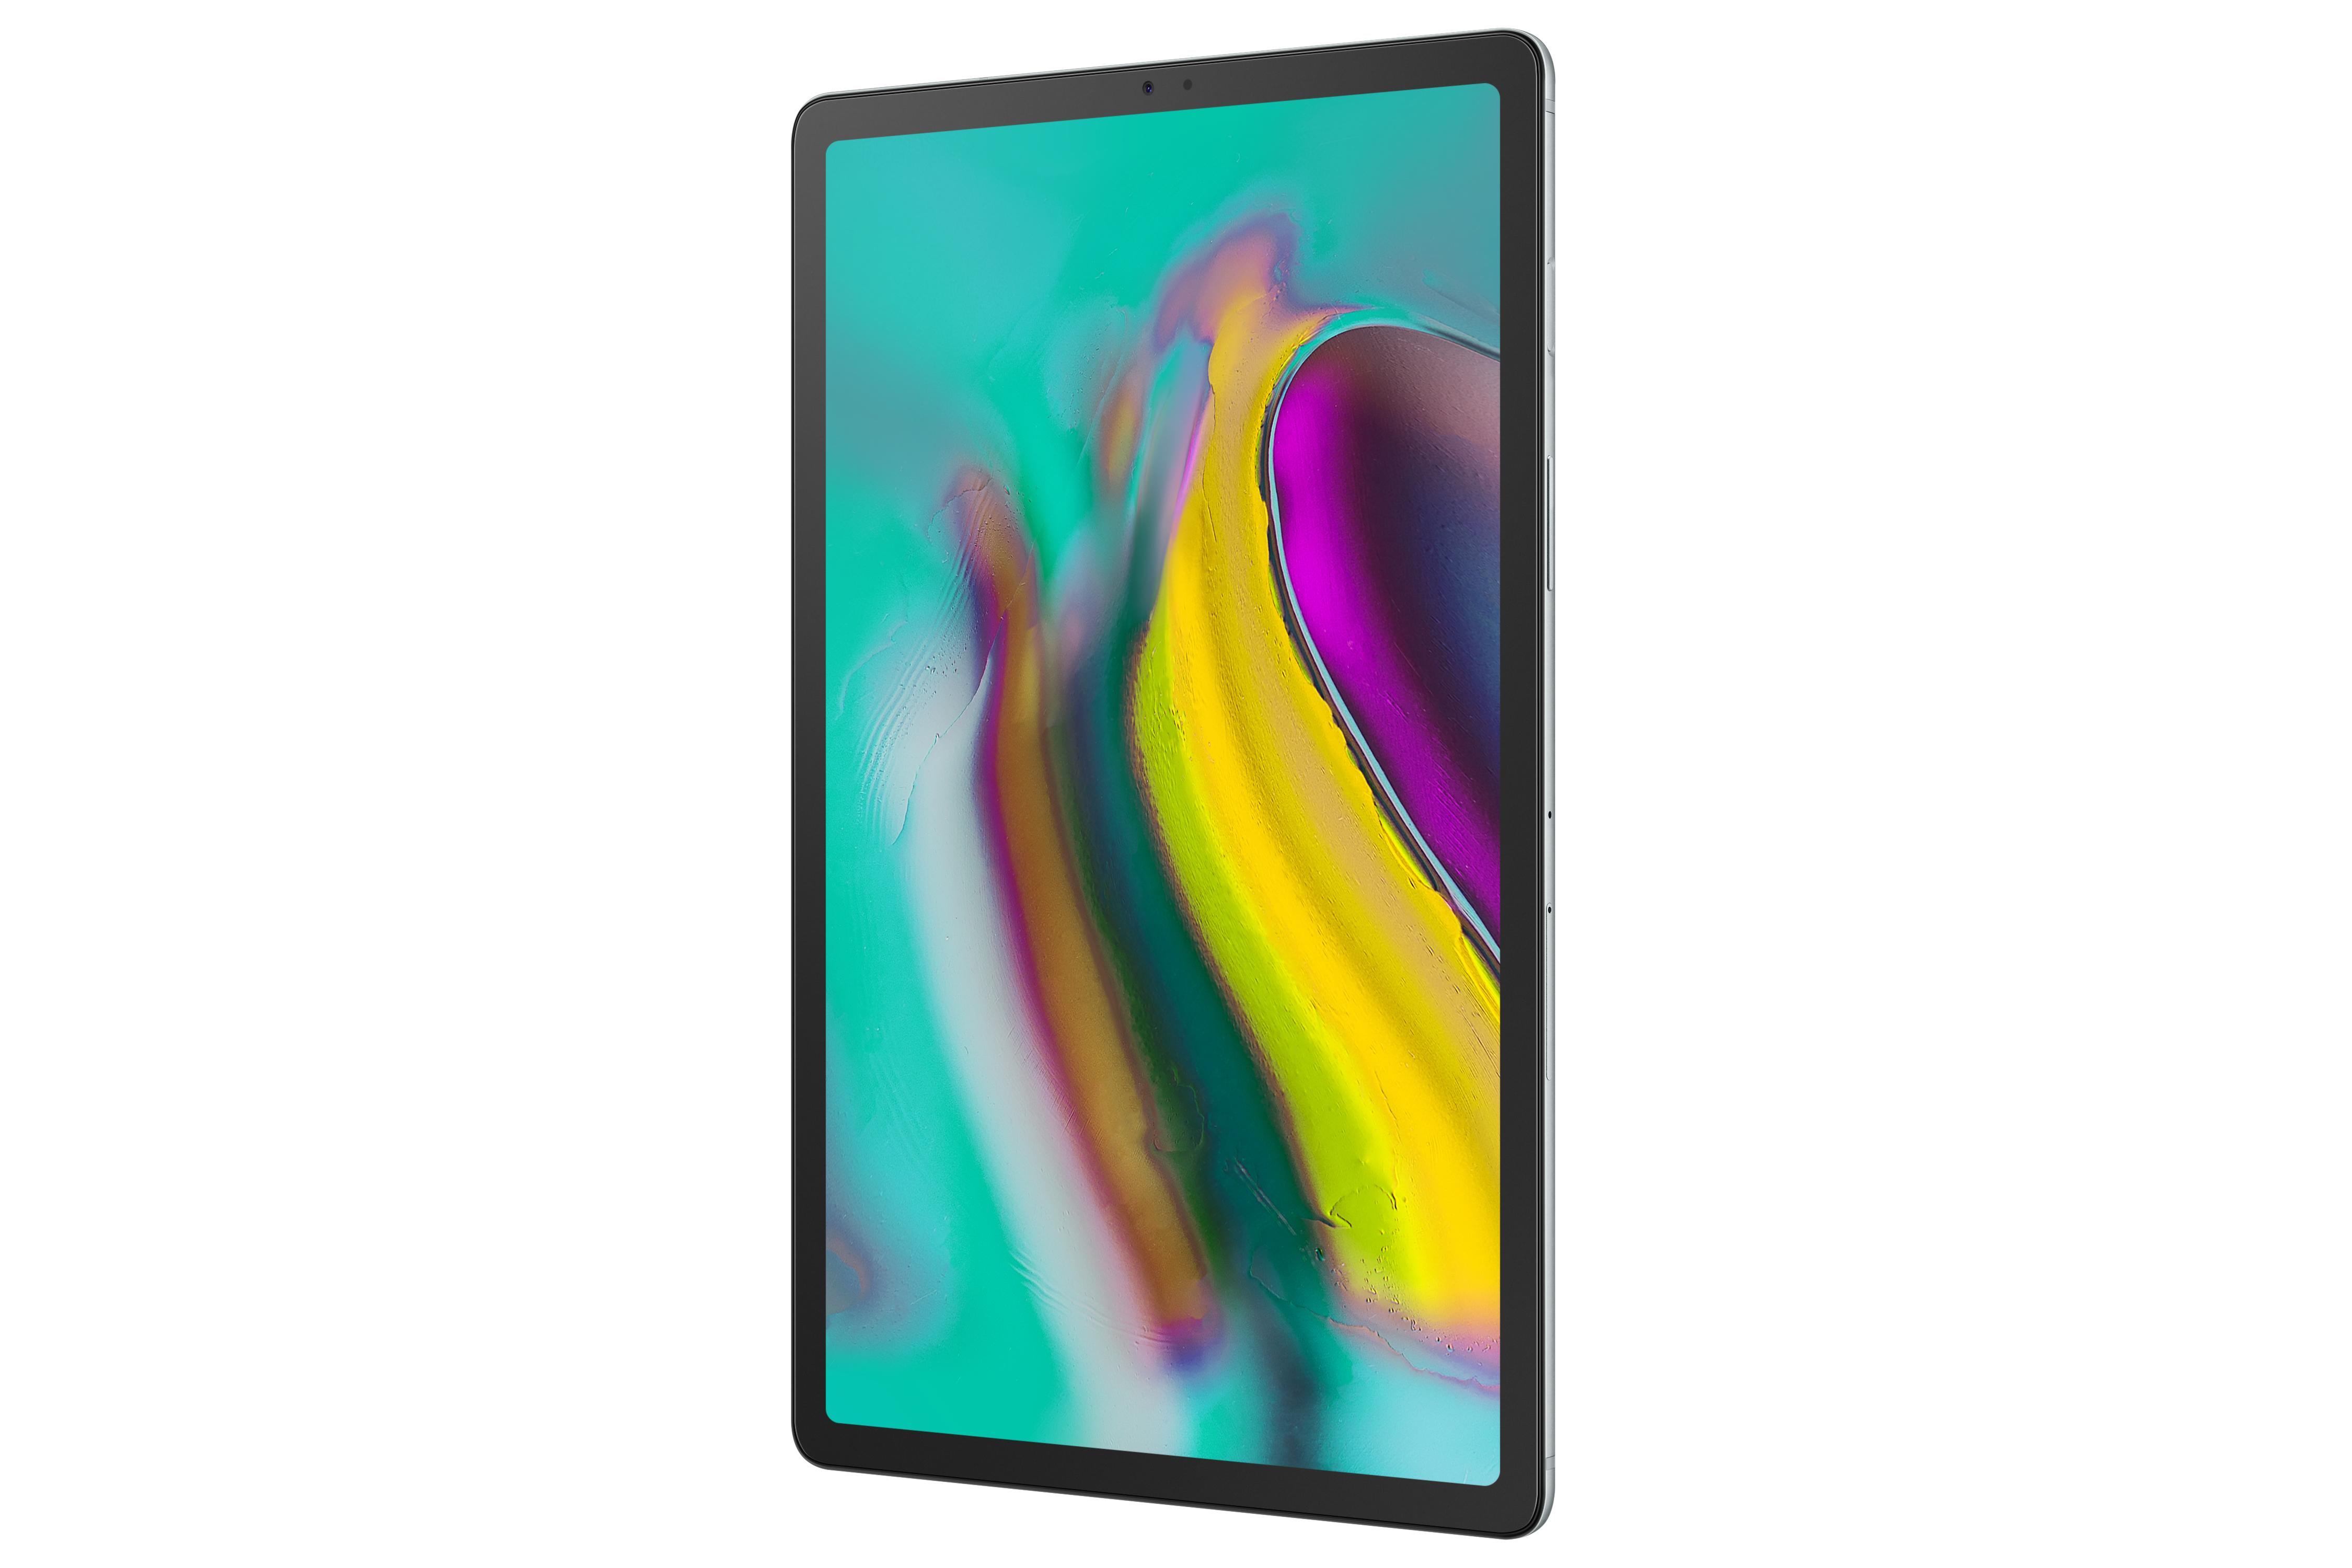 ab12ea3a685 Samsung Galaxy Tab S5e officialisée   cure de minceur pour la ...